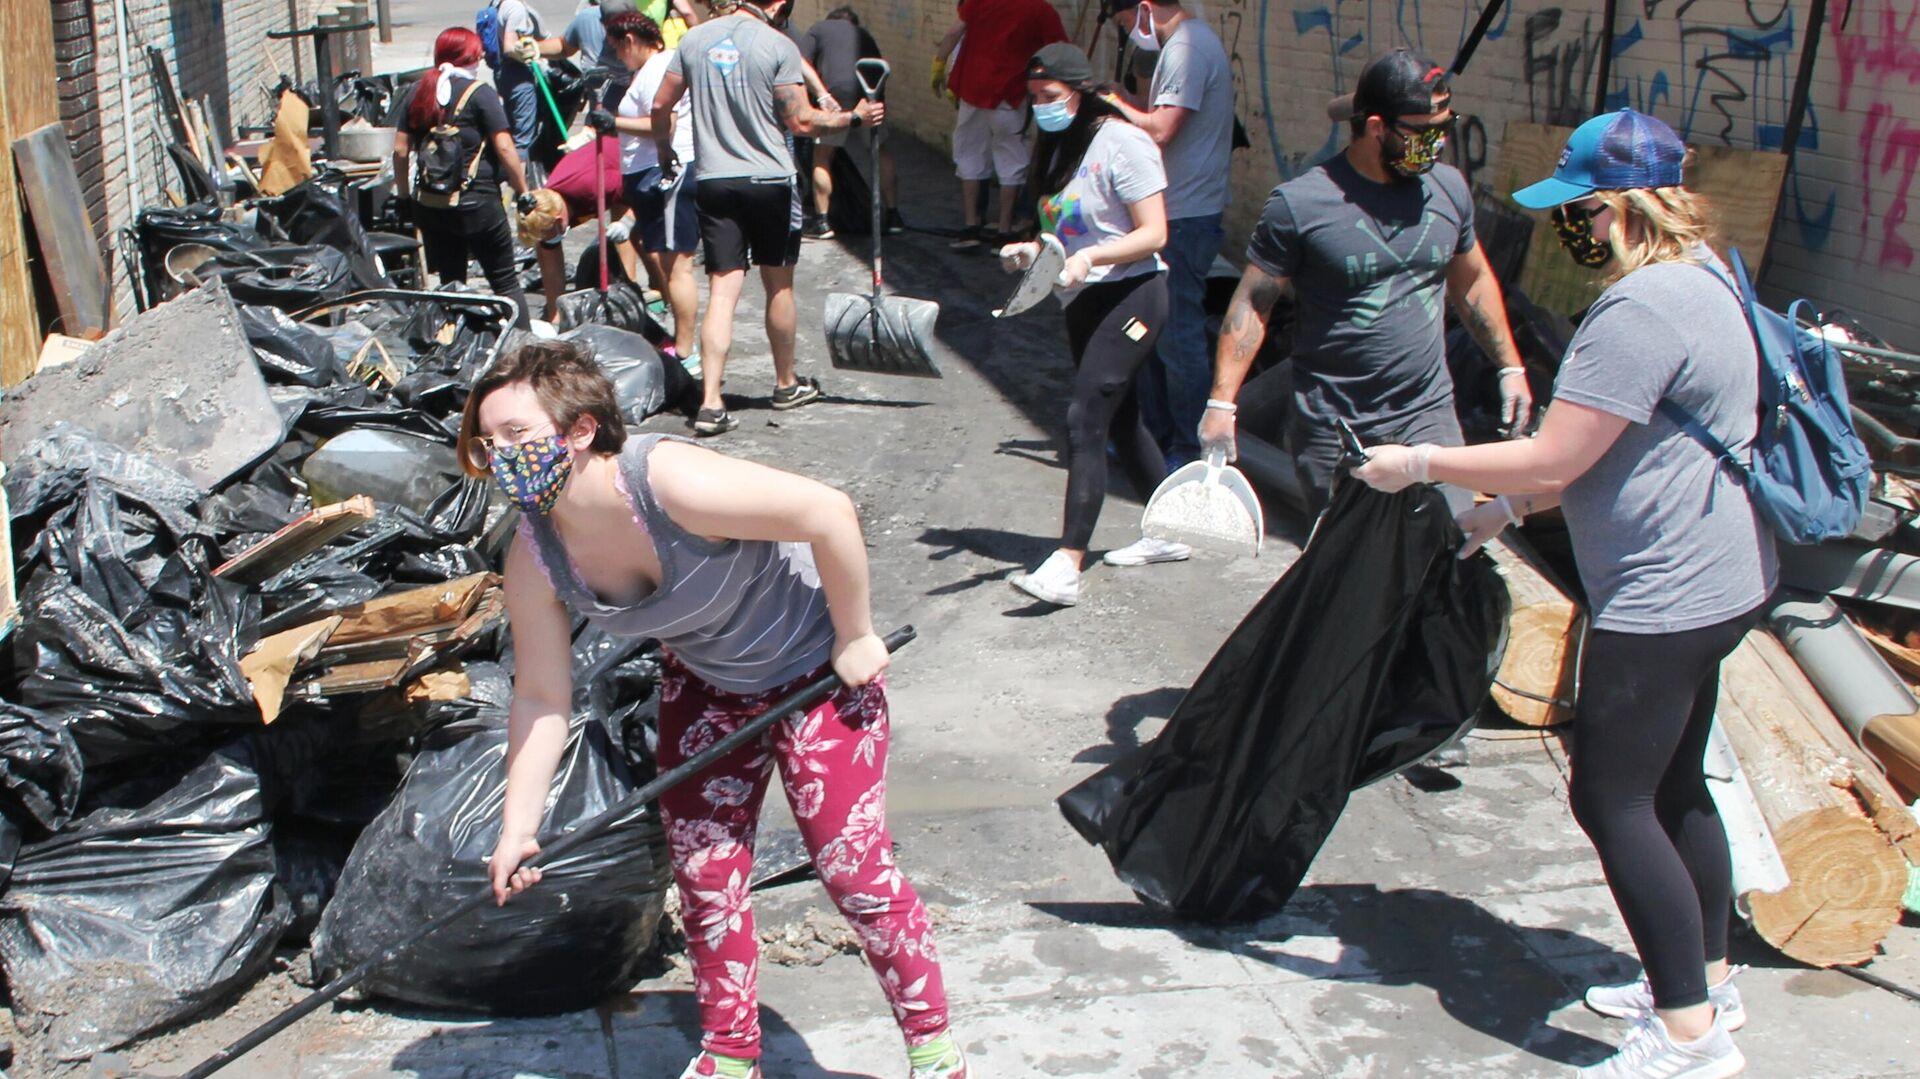 Жители Миннеаполиса вышли на уборку на улицу Лейк-стрит - РИА Новости, 1920, 08.03.2021